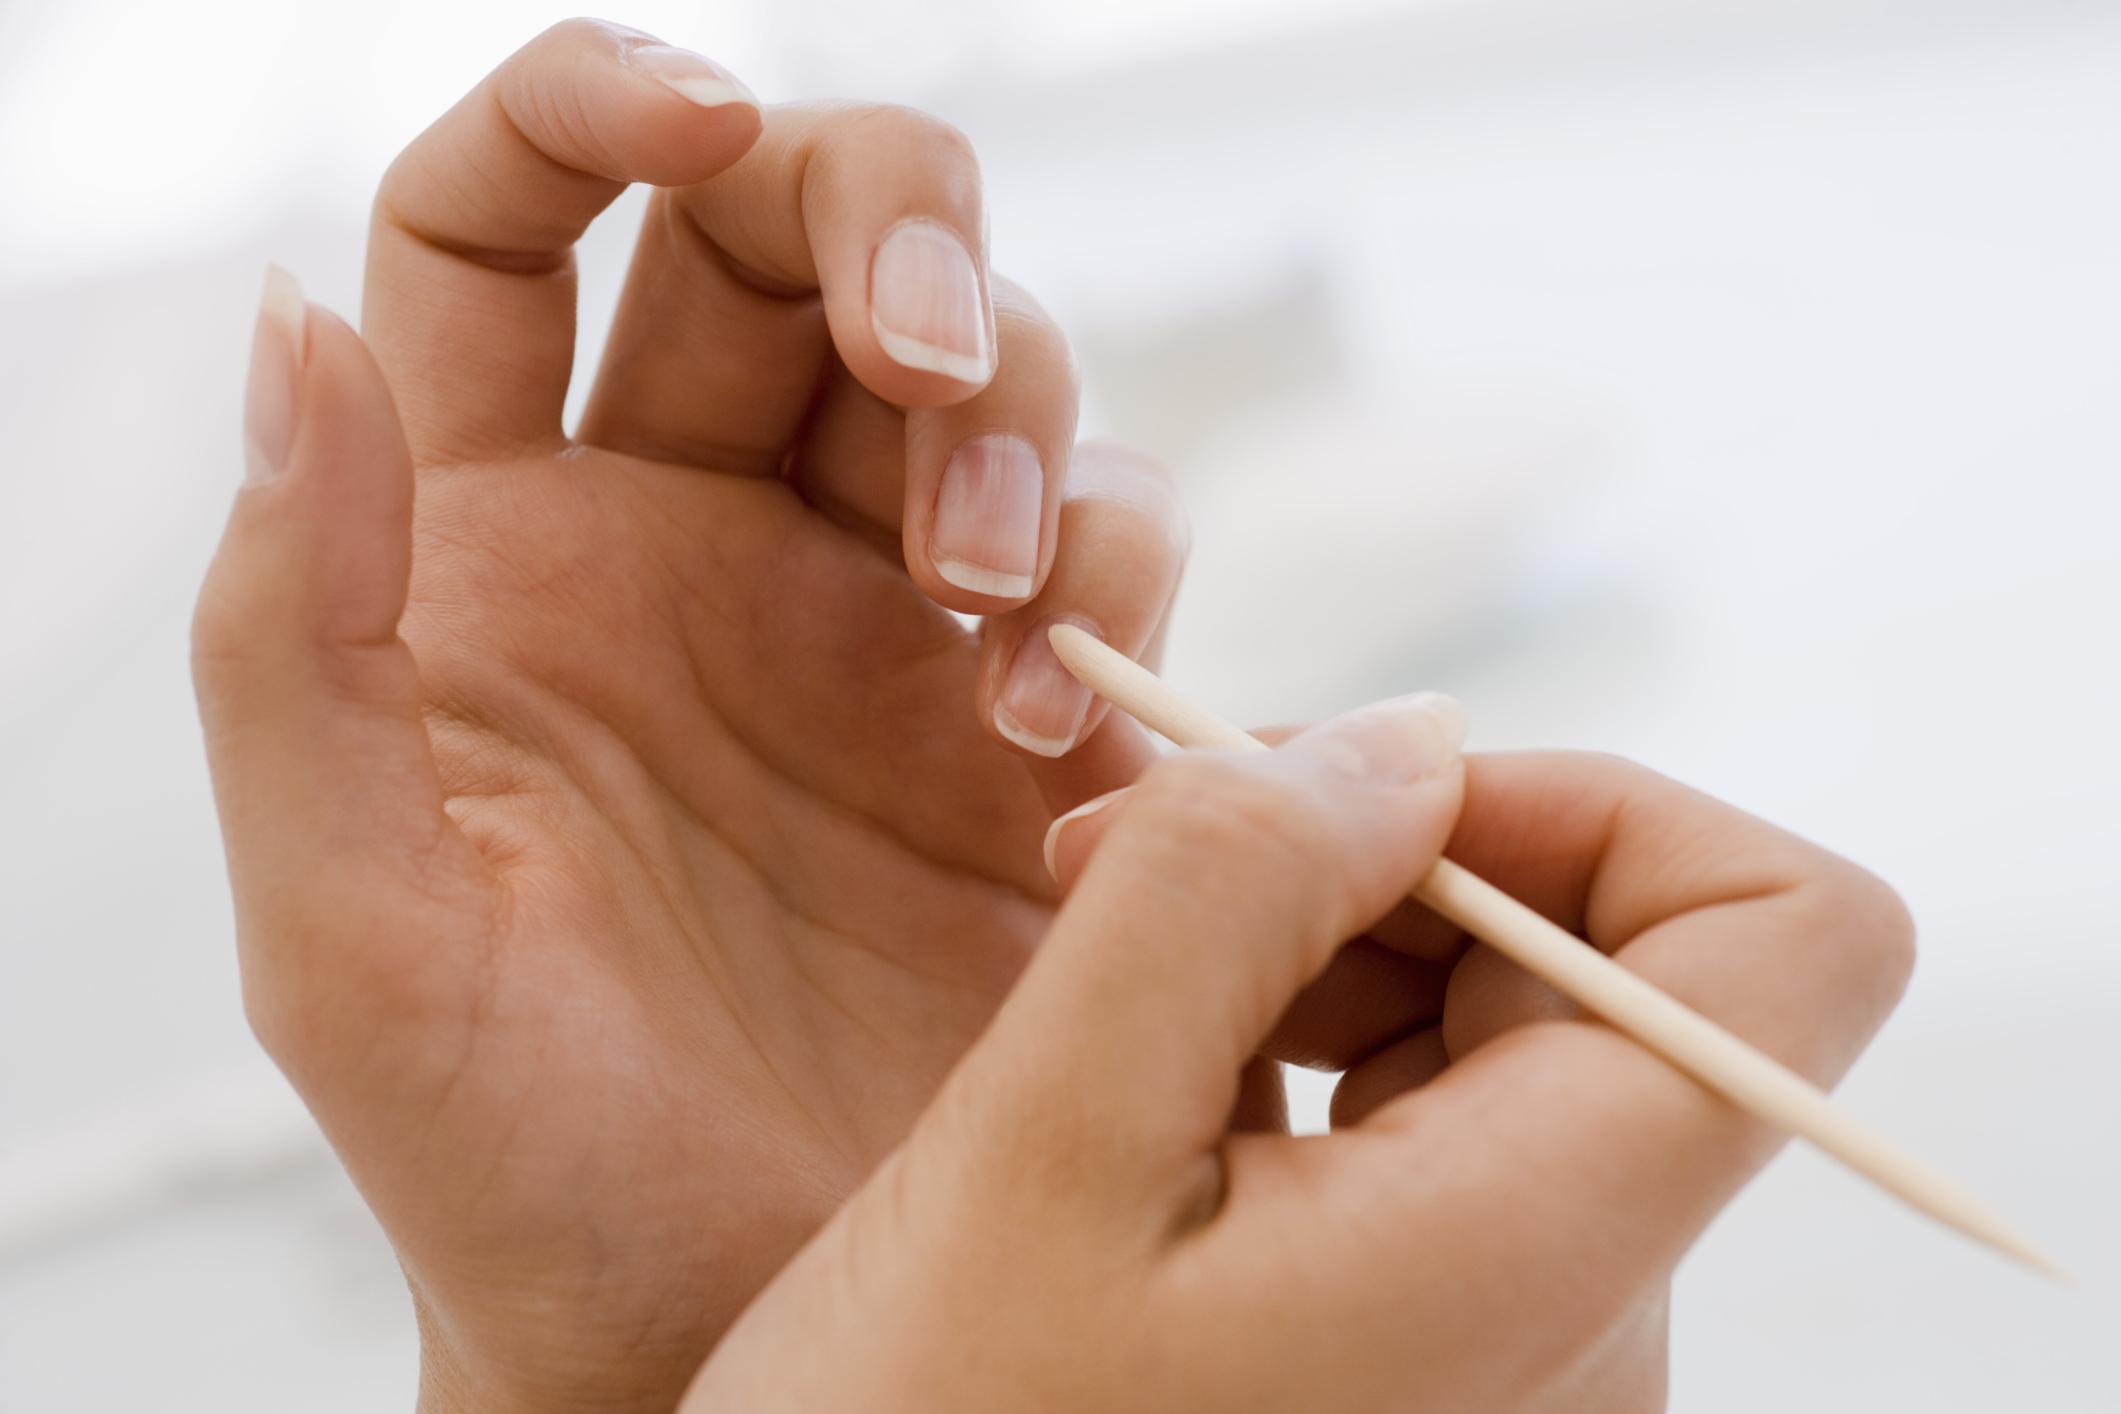 Maniküre: Tipps und Tricks für gepflegte Hände